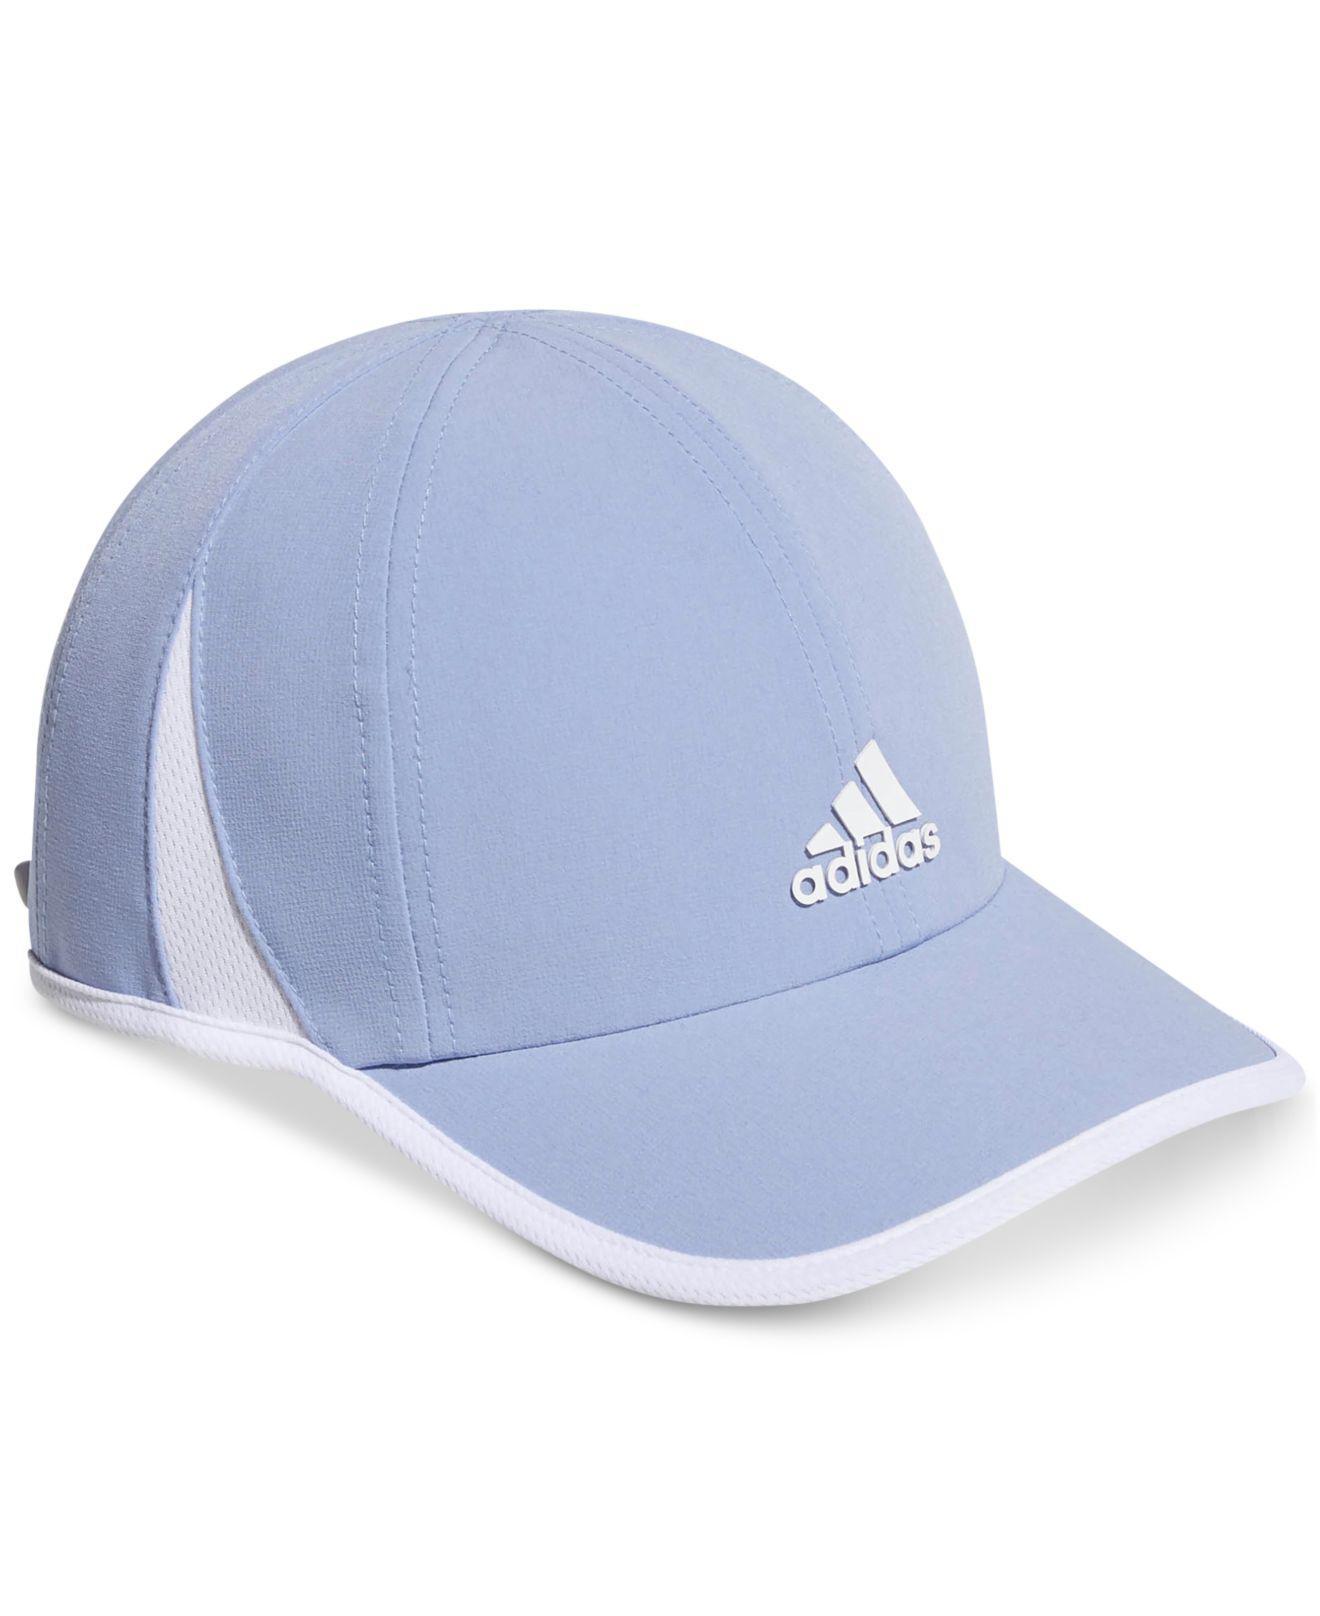 75245279df6 Lyst - adidas Superlite Cap in Blue